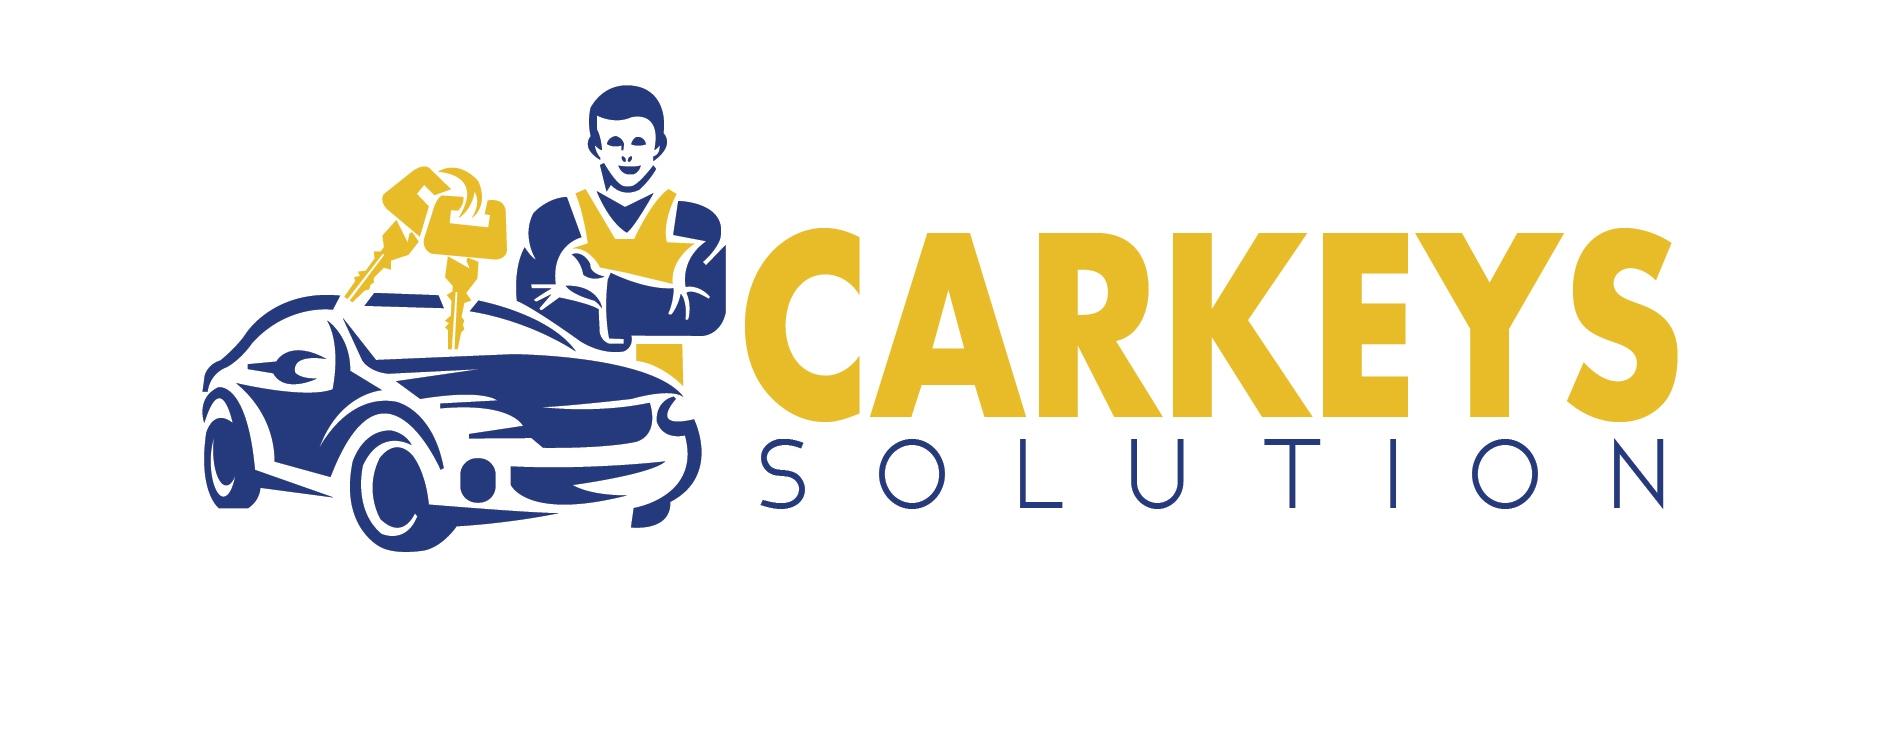 Car Key Solutio (@carkeysolution) Cover Image